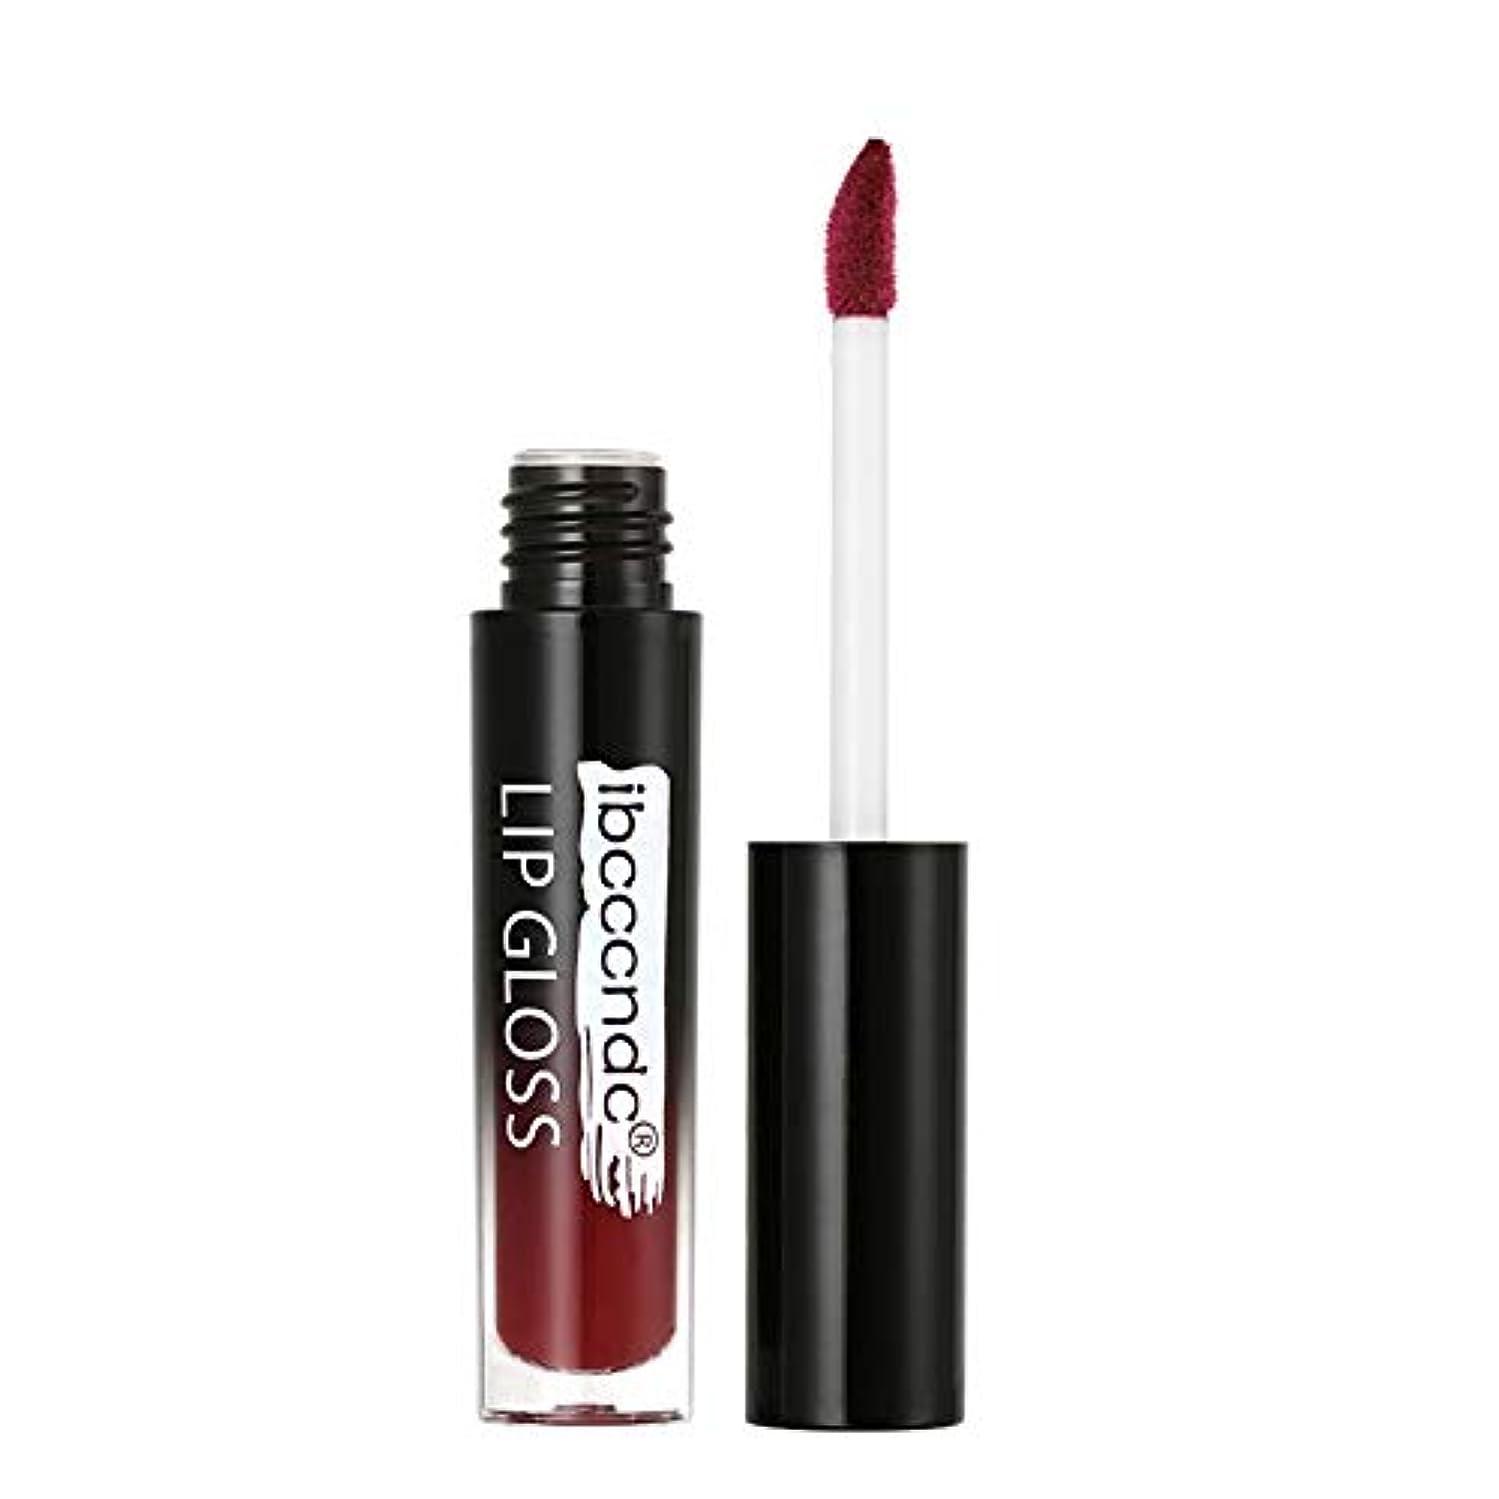 ブローホールタイムリーなレオナルドダ口紅 液体 モイスチャライザー リップスティック リキッド 防水 リップバーム 化粧品 美容 リップクリーム メイク 唇に塗っっていつもよりセクシー魅力を与えるルージュhuajuan